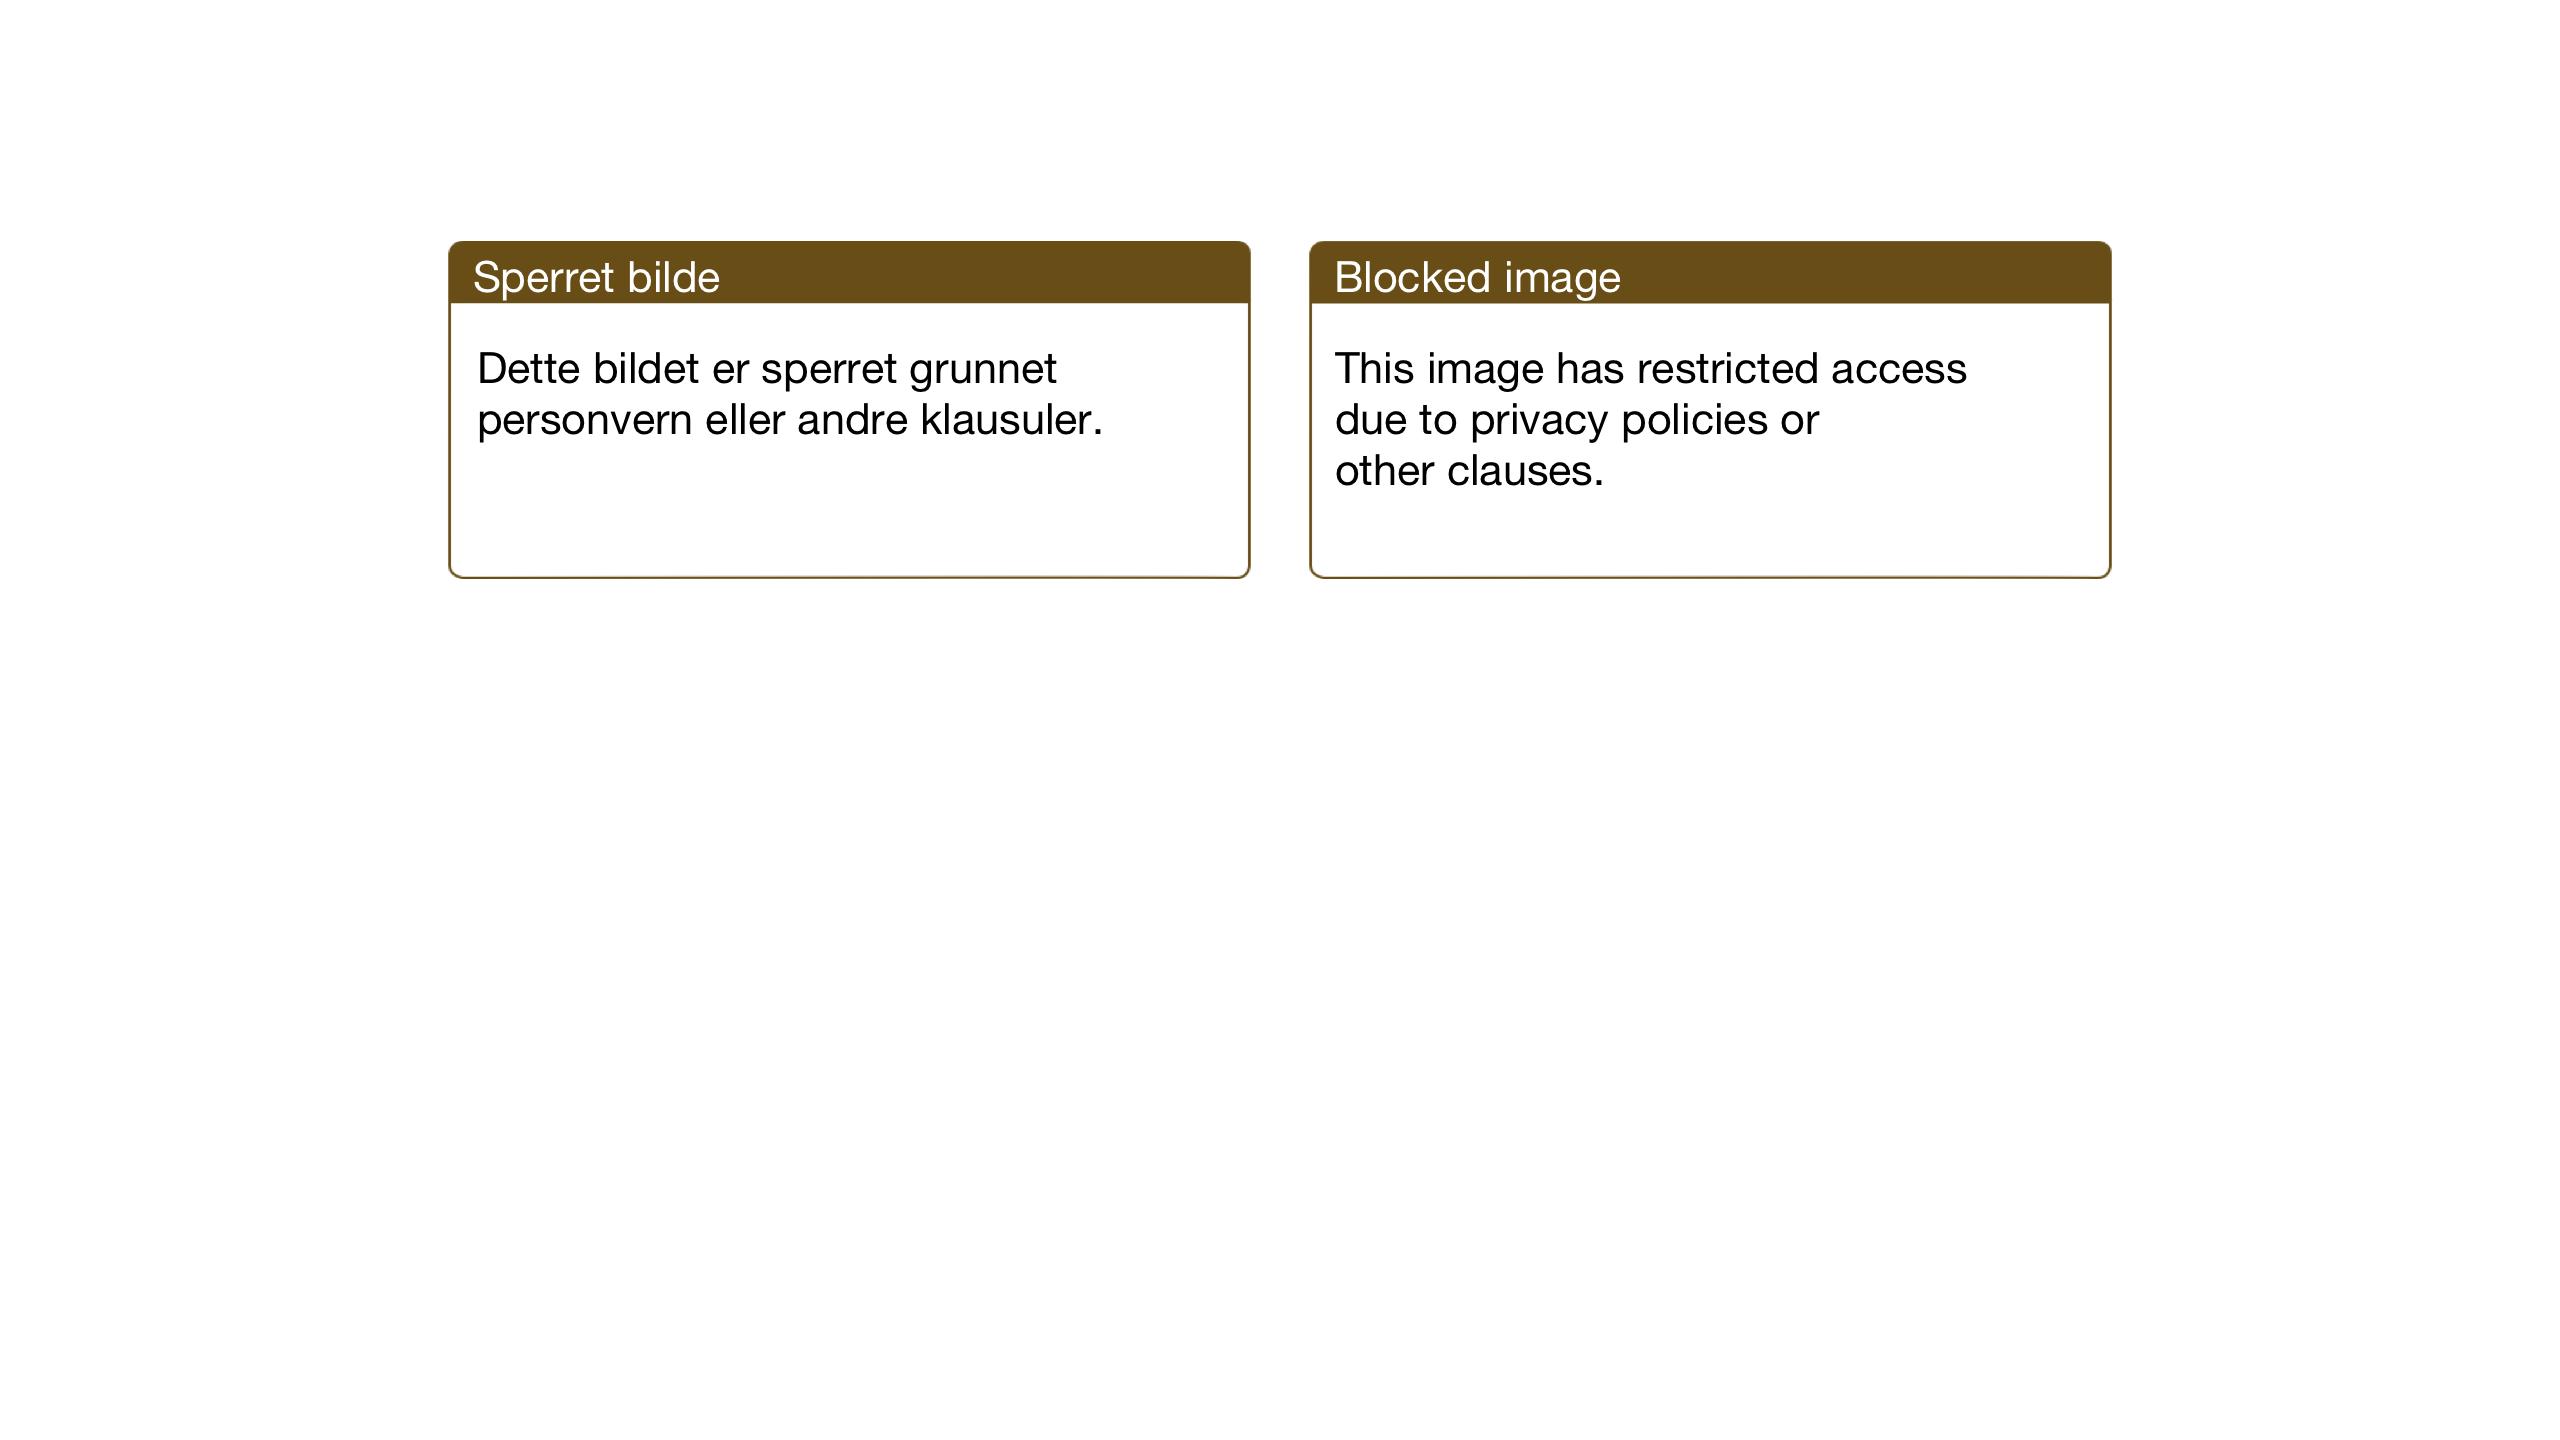 SAT, Ministerialprotokoller, klokkerbøker og fødselsregistre - Sør-Trøndelag, 682/L0947: Klokkerbok nr. 682C01, 1926-1968, s. 26